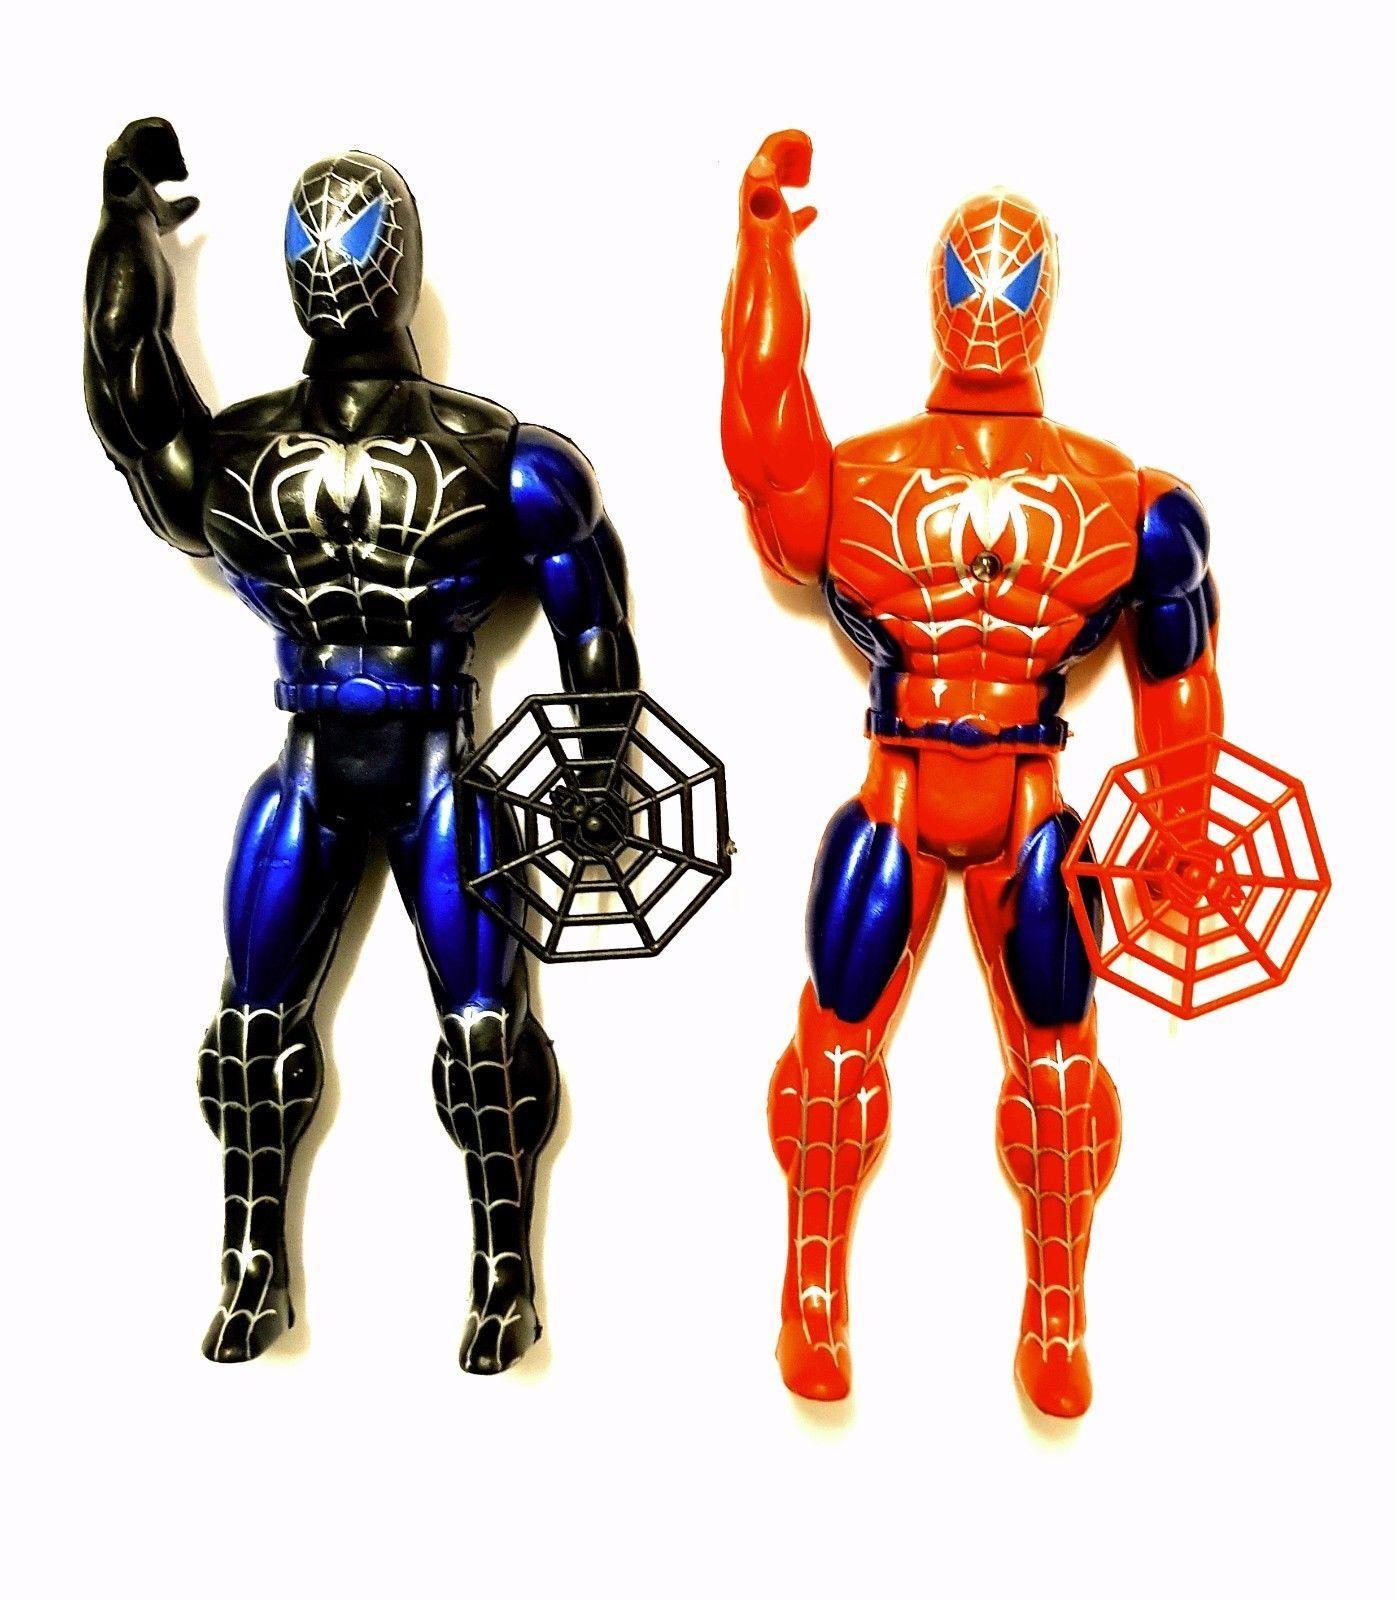 6  KIDS SUPERHERO SPIDERMAN ACTION FIGURE TITAN XMAS GIFT TOY